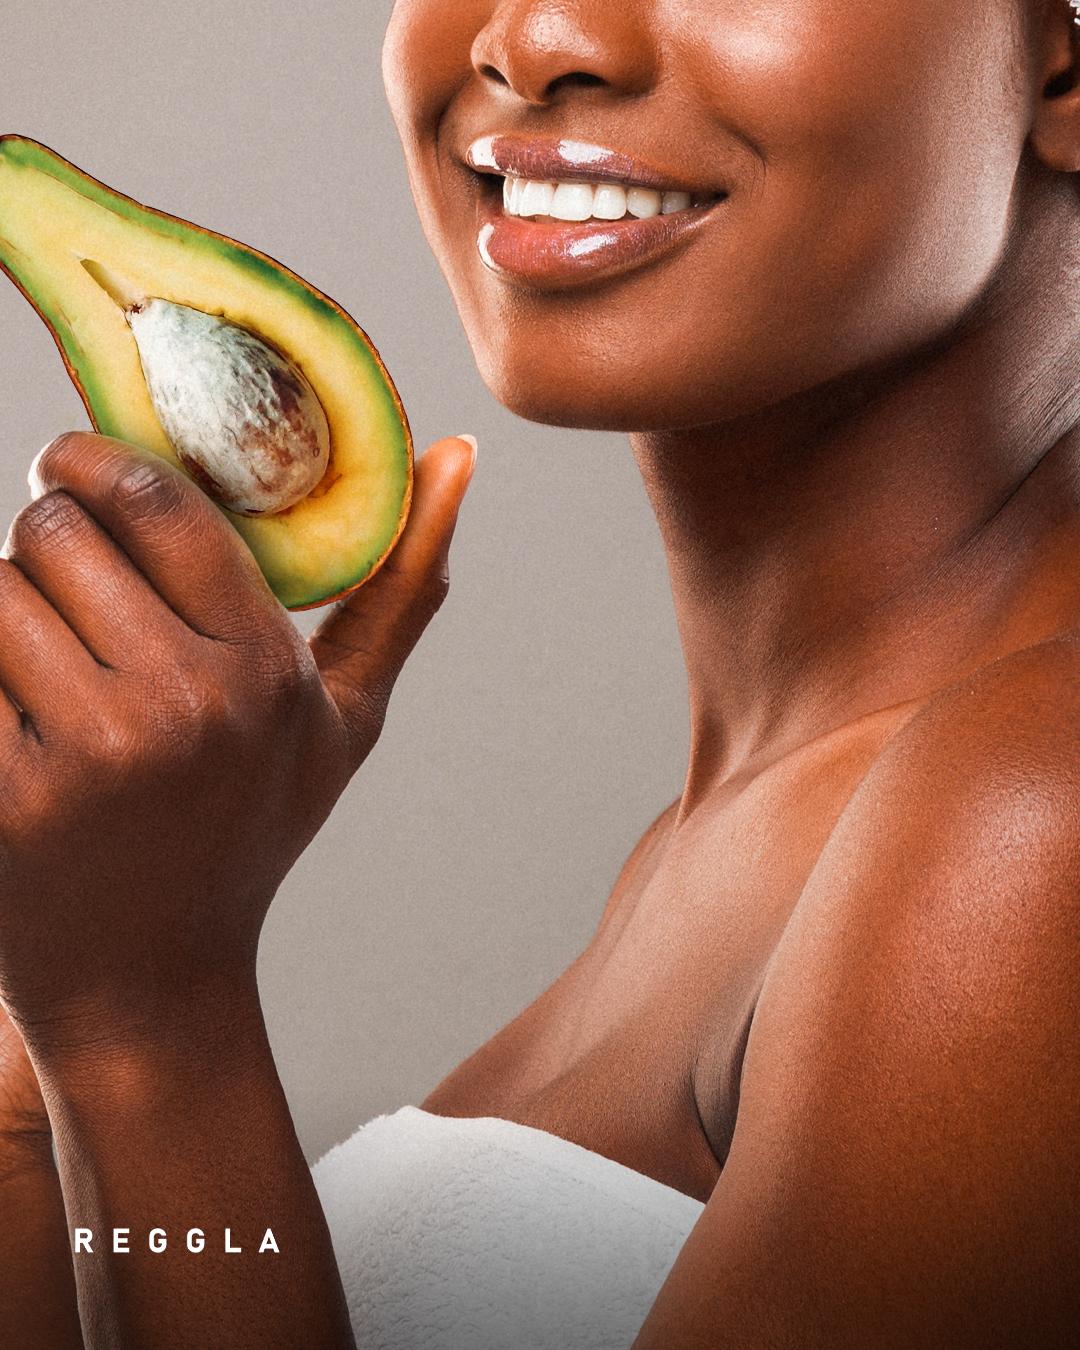 Imagem - Acrescente alimentos em sua rotina de beleza e sinta o resultado